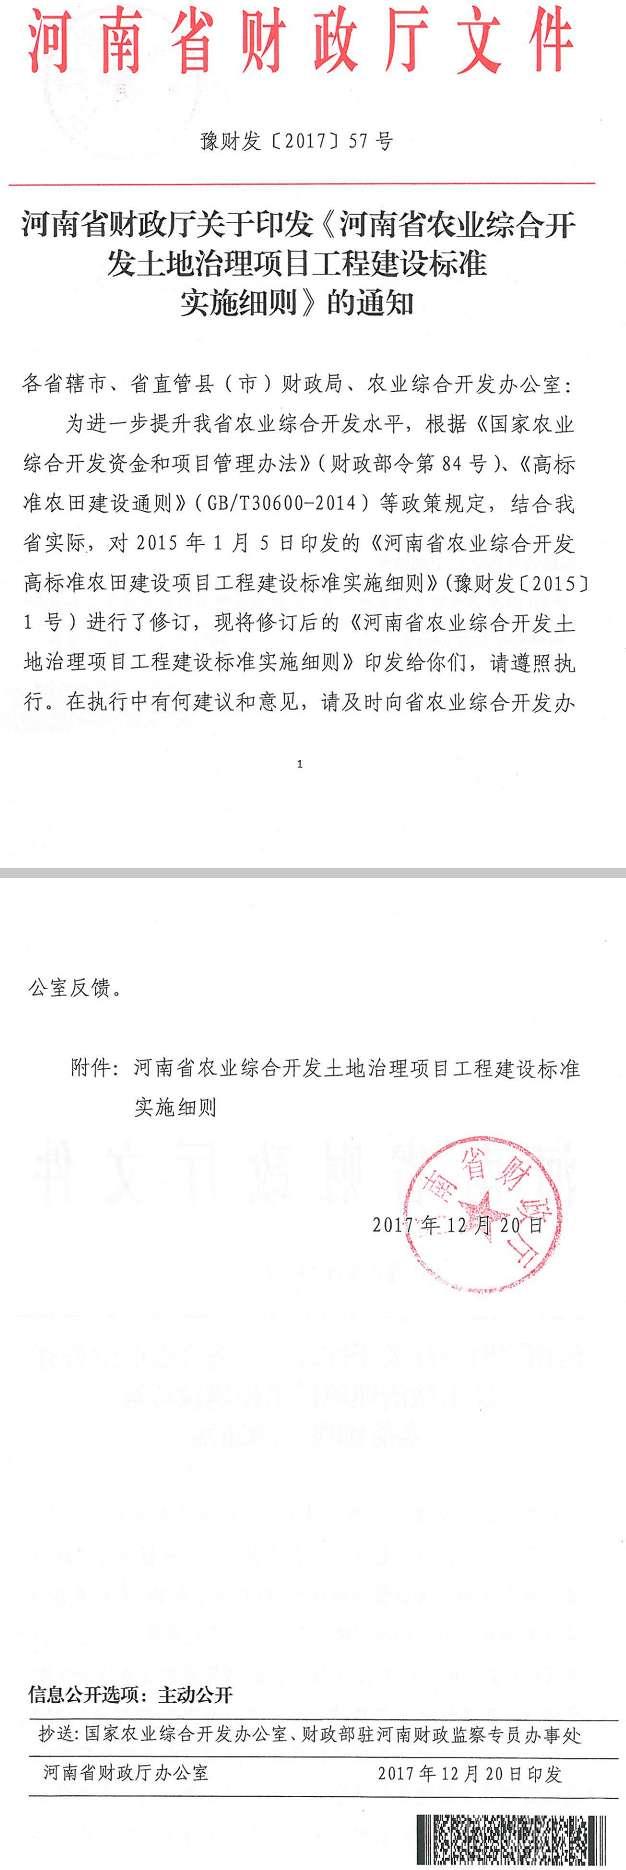 豫财发〔2017〕57号《河南省农业综合开发土地治理项目工程建设标准实施细则》